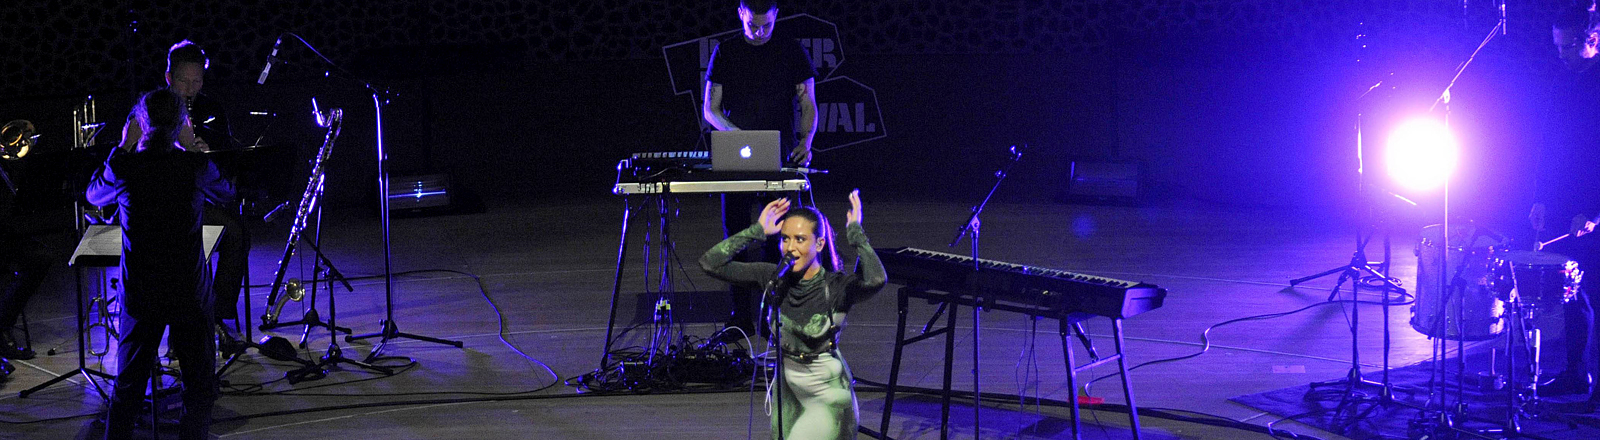 Frau auf einer Bühne